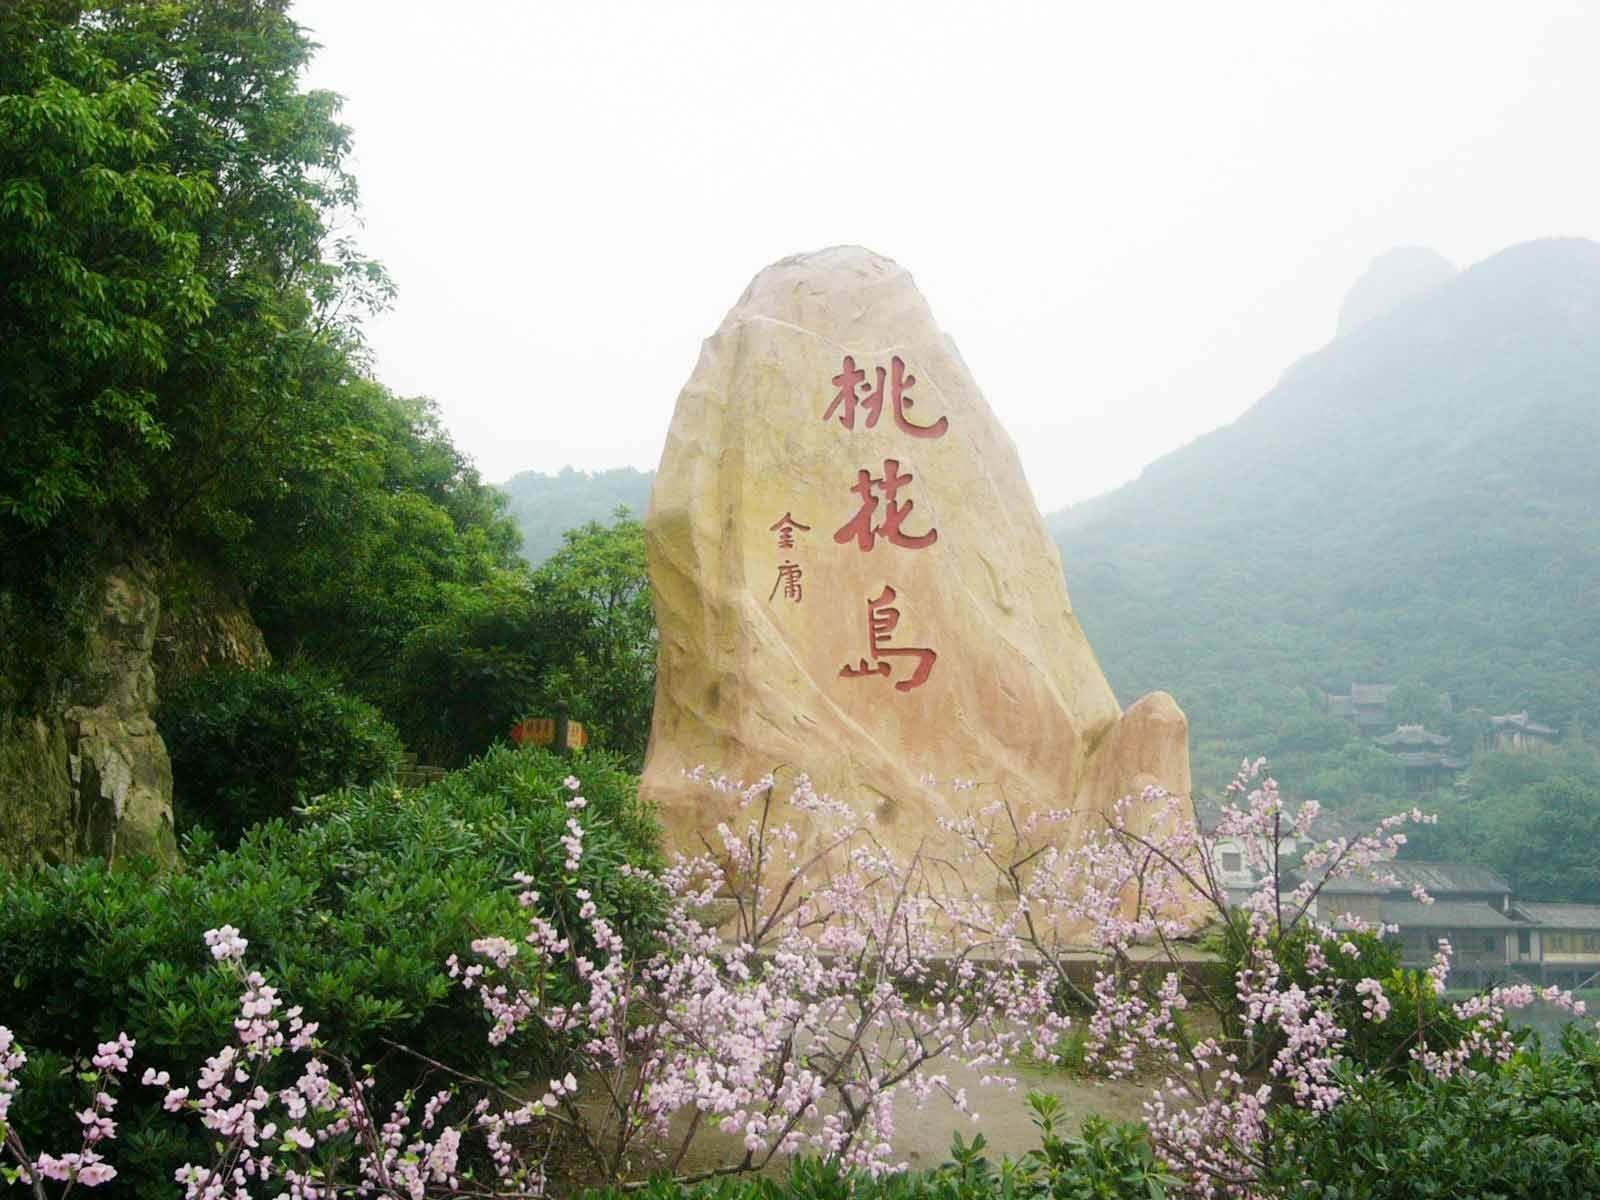 桃花岛位于浙江舟山群岛的东南部,是舟山群岛的第七大岛.